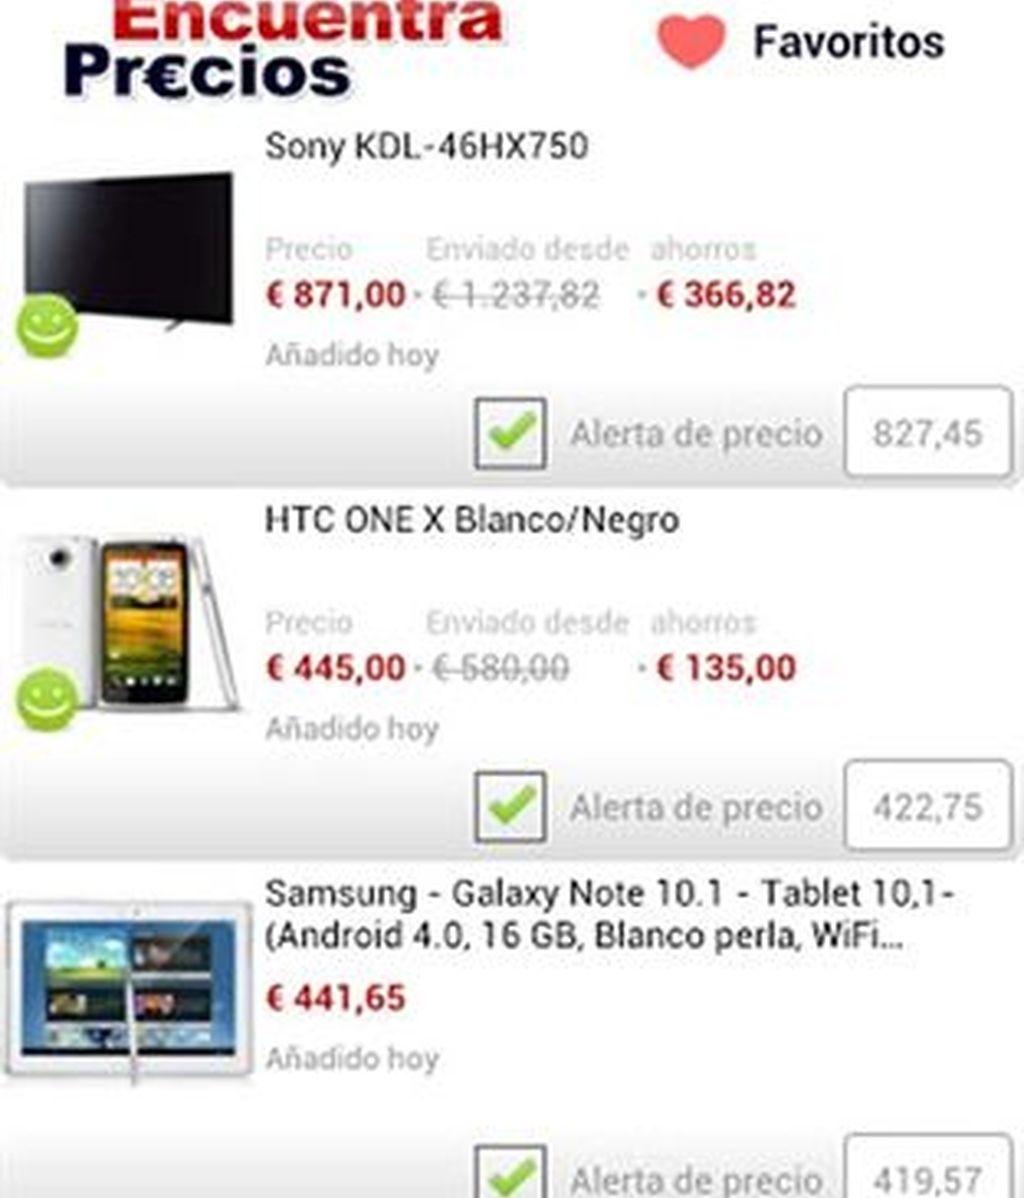 La aplicación EncuentraPrecios ayuda a los usuarios de Android a ahorrar